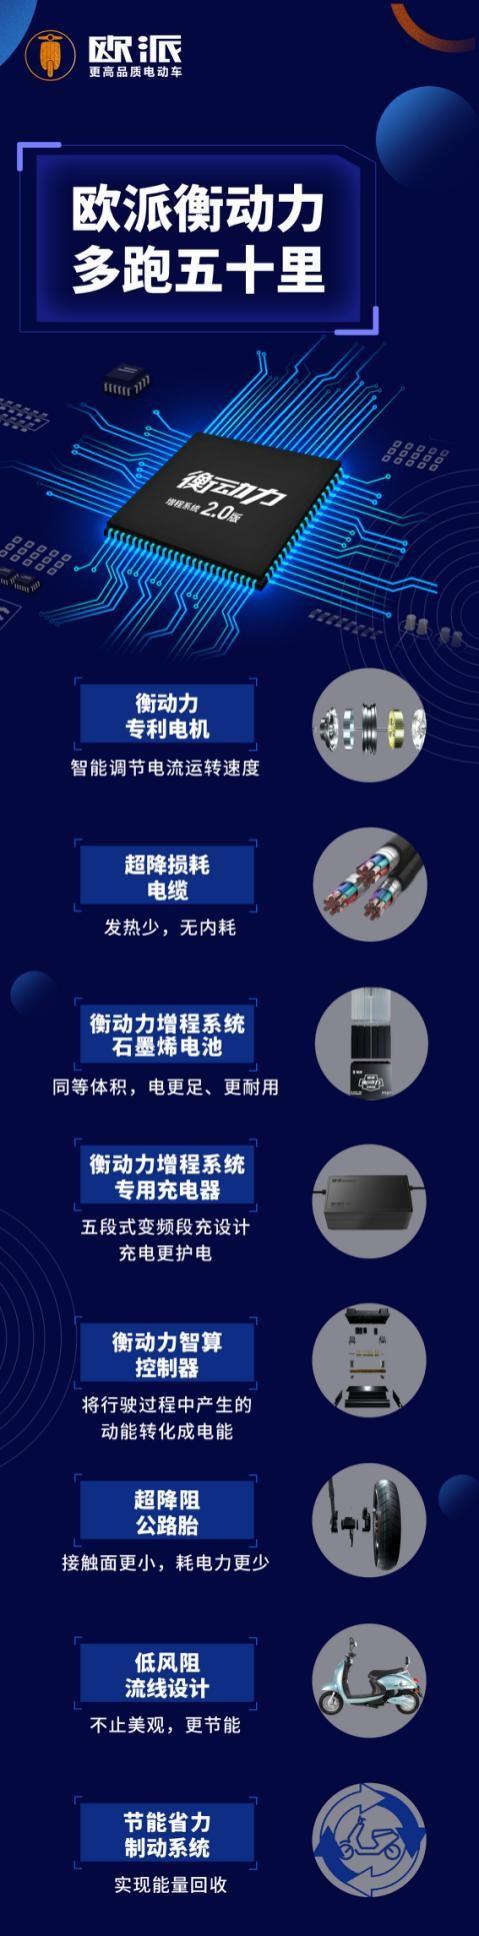 欧派电动车衡动力增程系统2.0 中国品质,服务世界!